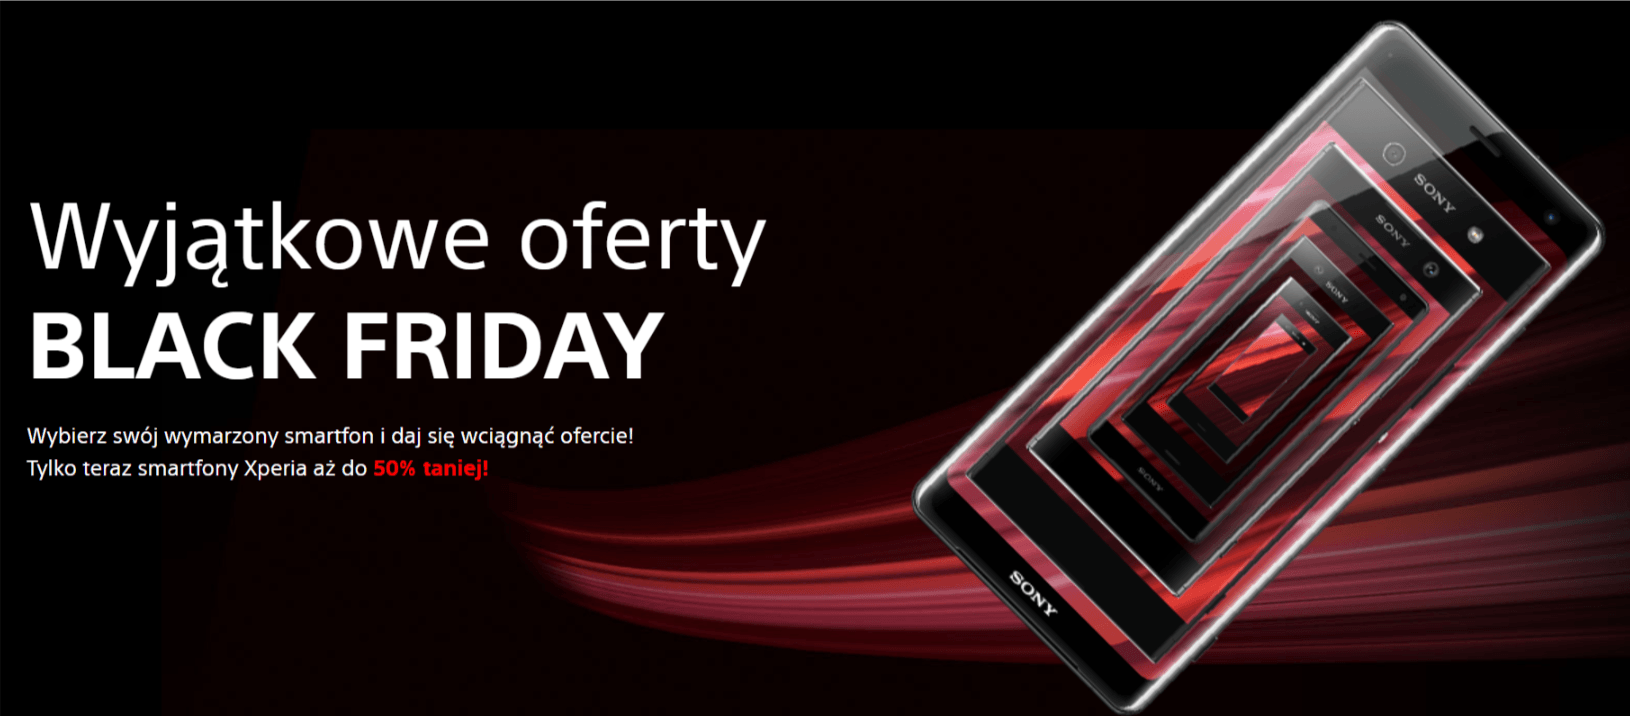 Sony pomaga kupić Xperie taniej, uruchamiając stronę, na której znajdują się linki do promocji na smartfony 22